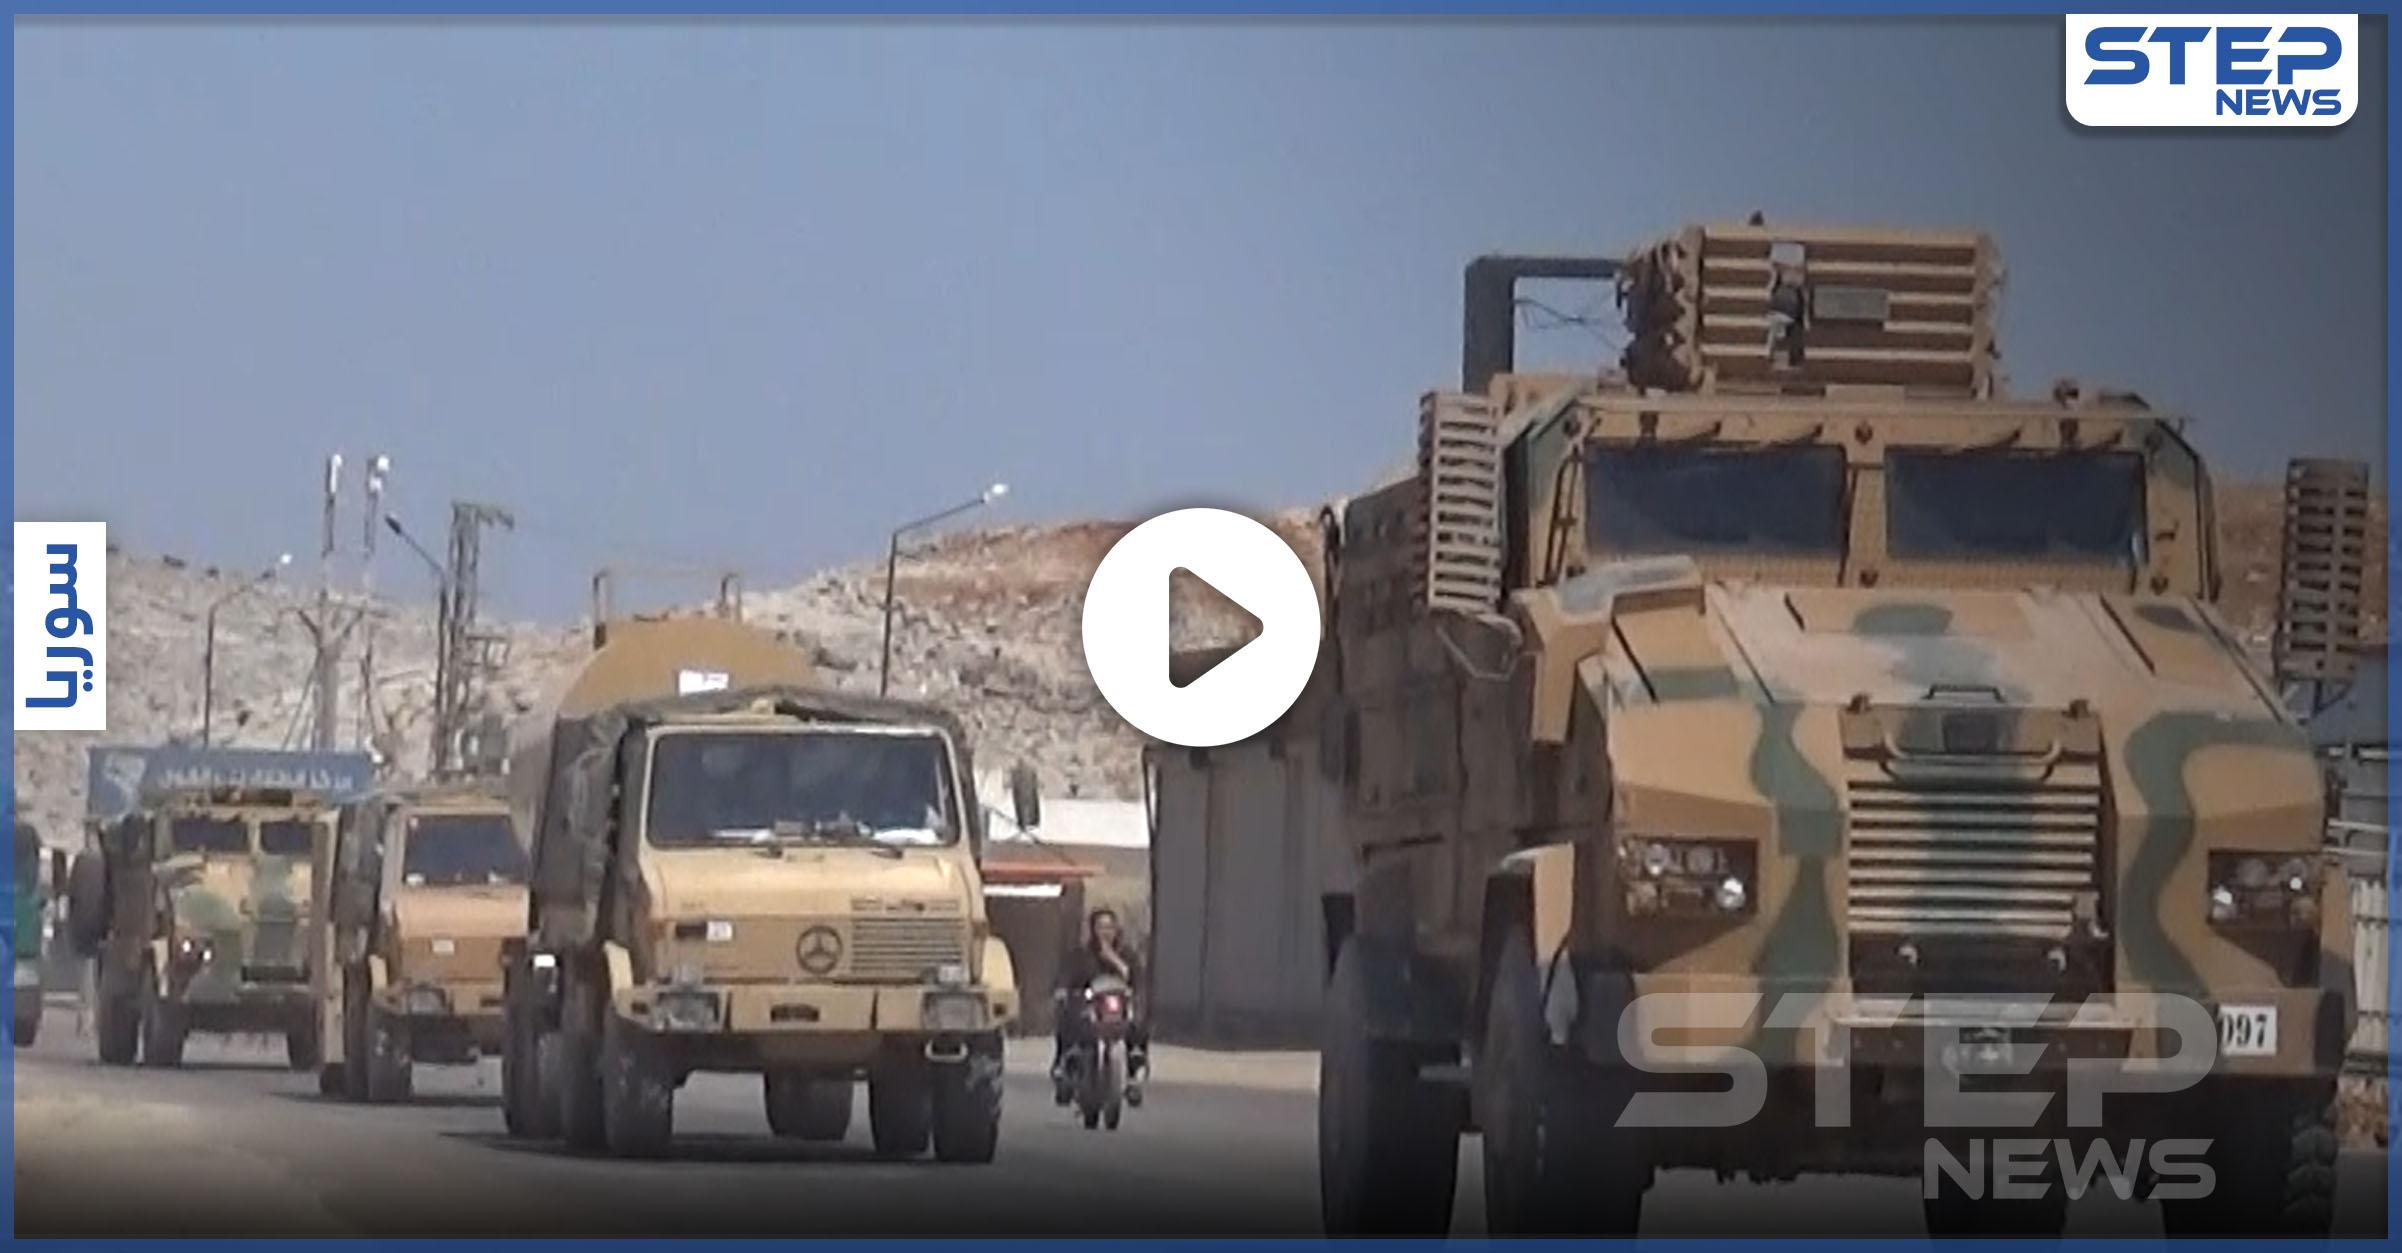 قوات النظام السوري تقصف ريف إدلب الجنوبي